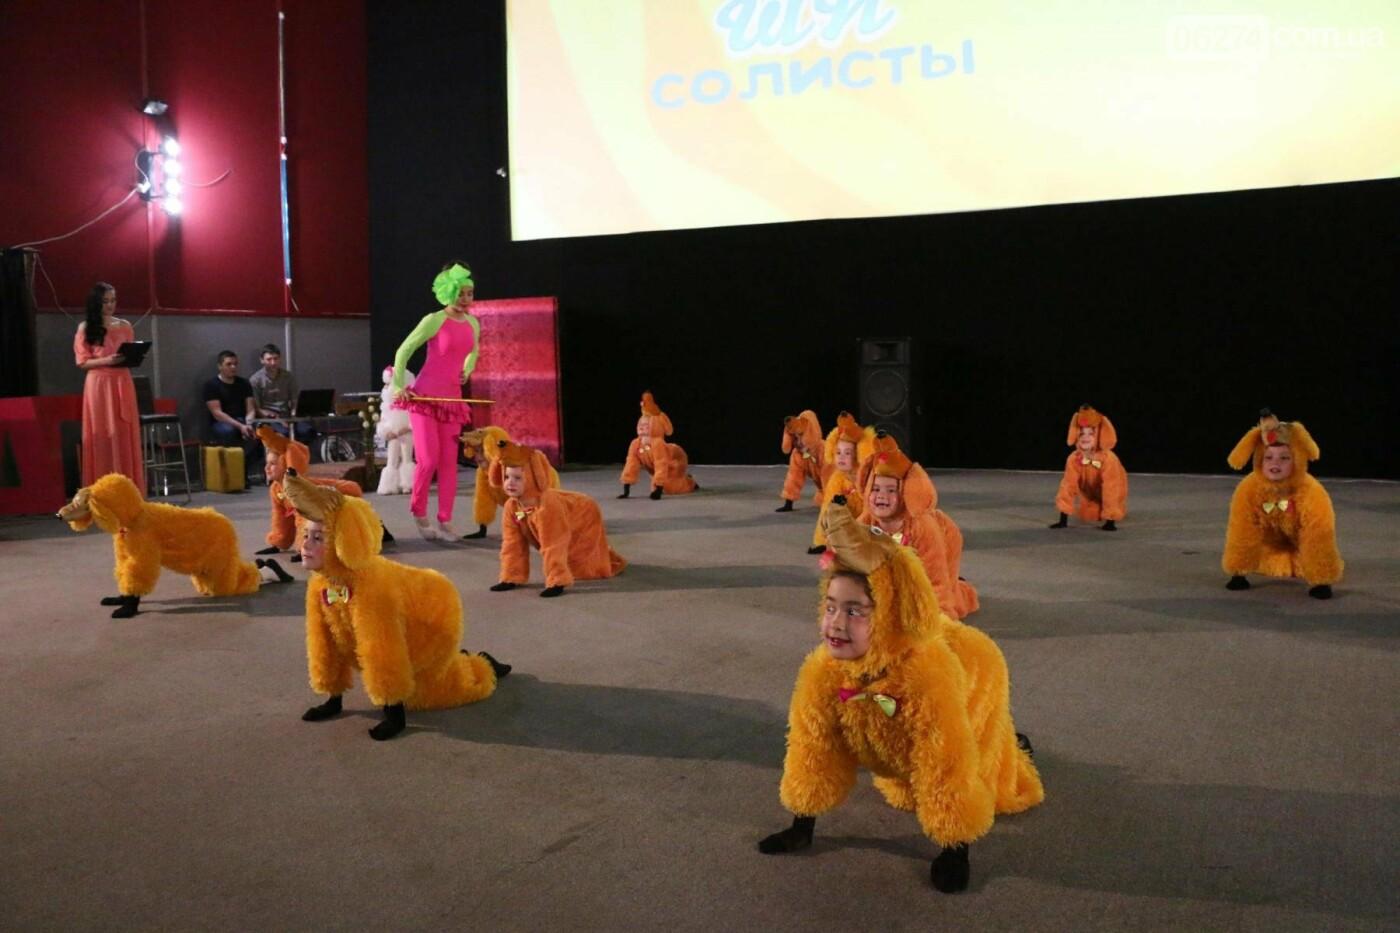 В Бахмуте прошел отчетный концерт образцового ансамбля танца «Непоседы» (ФОТОРЕПОРТАЖ), фото-5